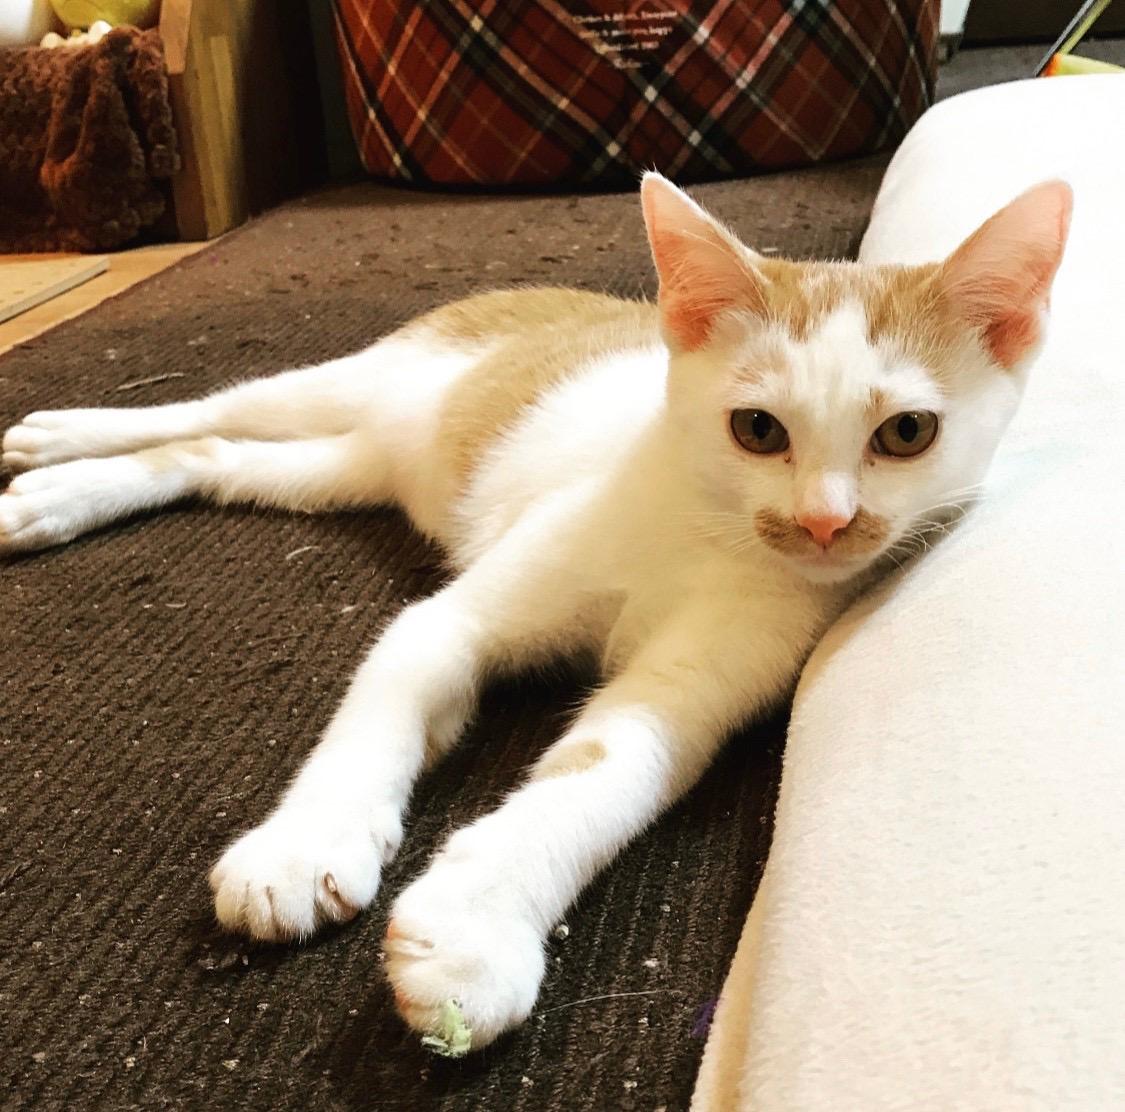 【今日のにゃんこ】子猫時代のラビくんも可愛すぎる♡_1